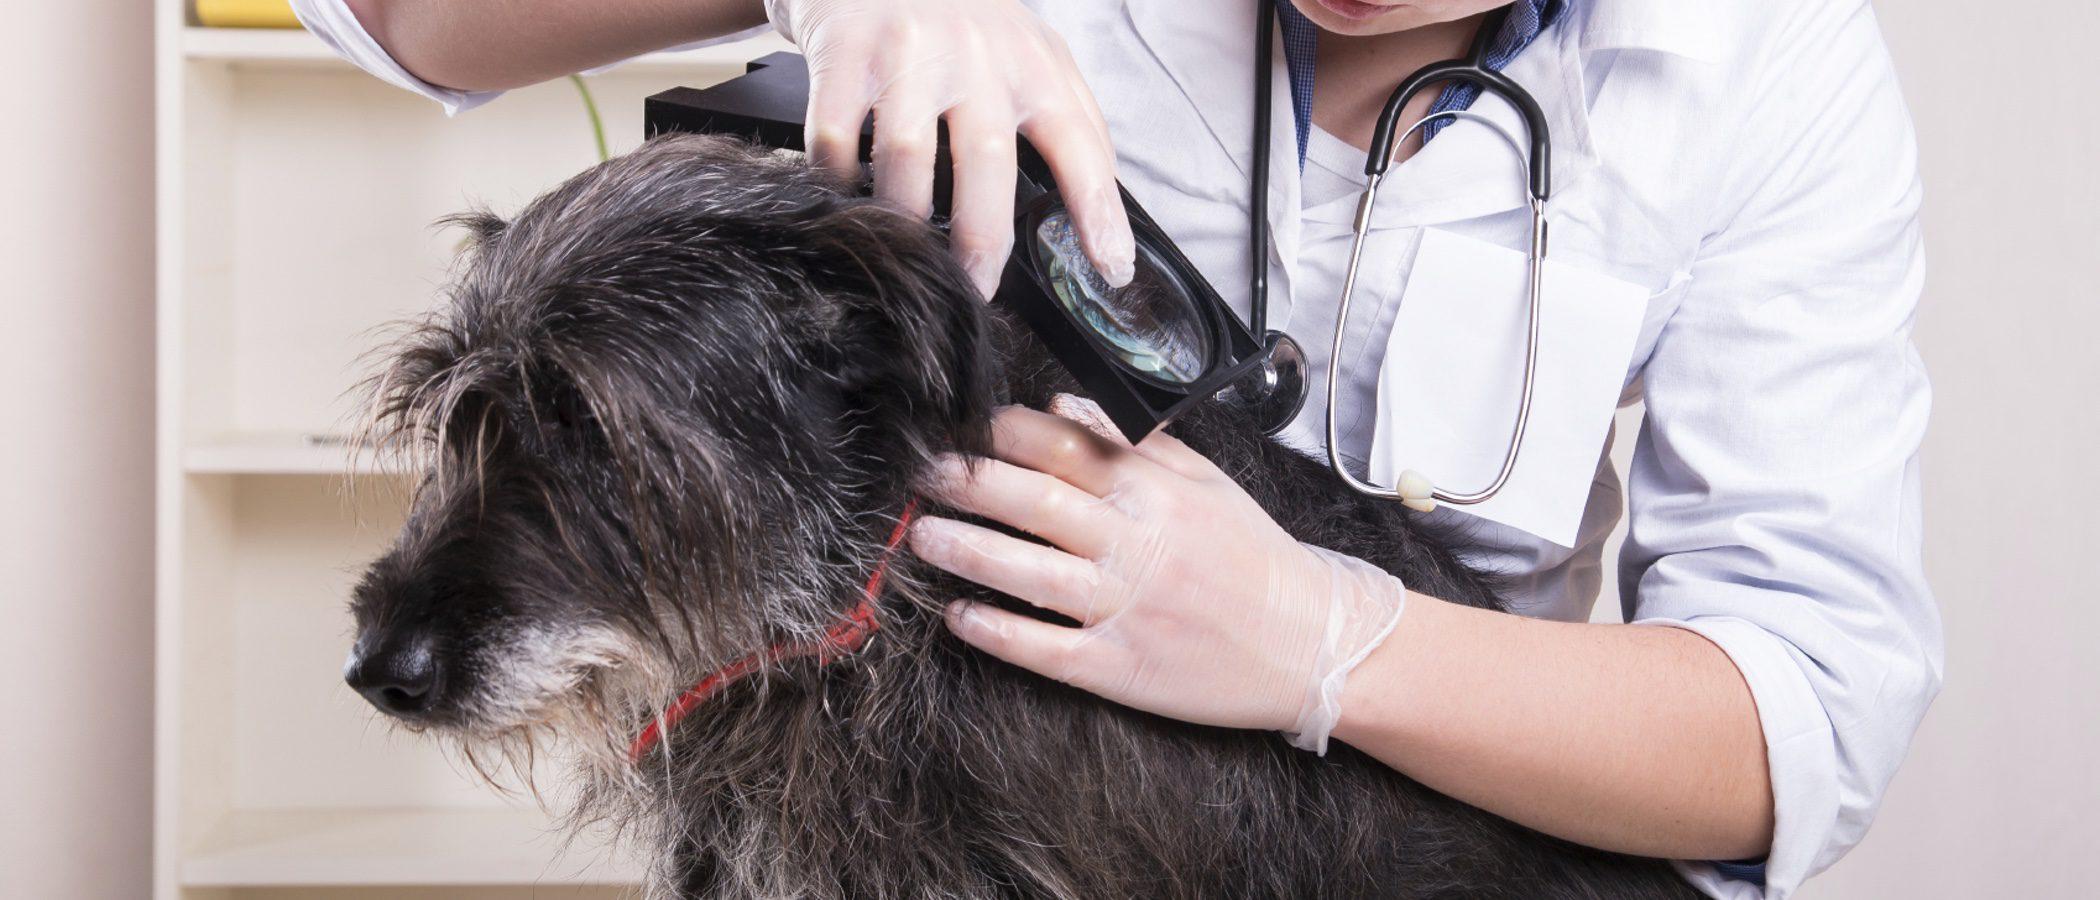 Los parásitos en los perros